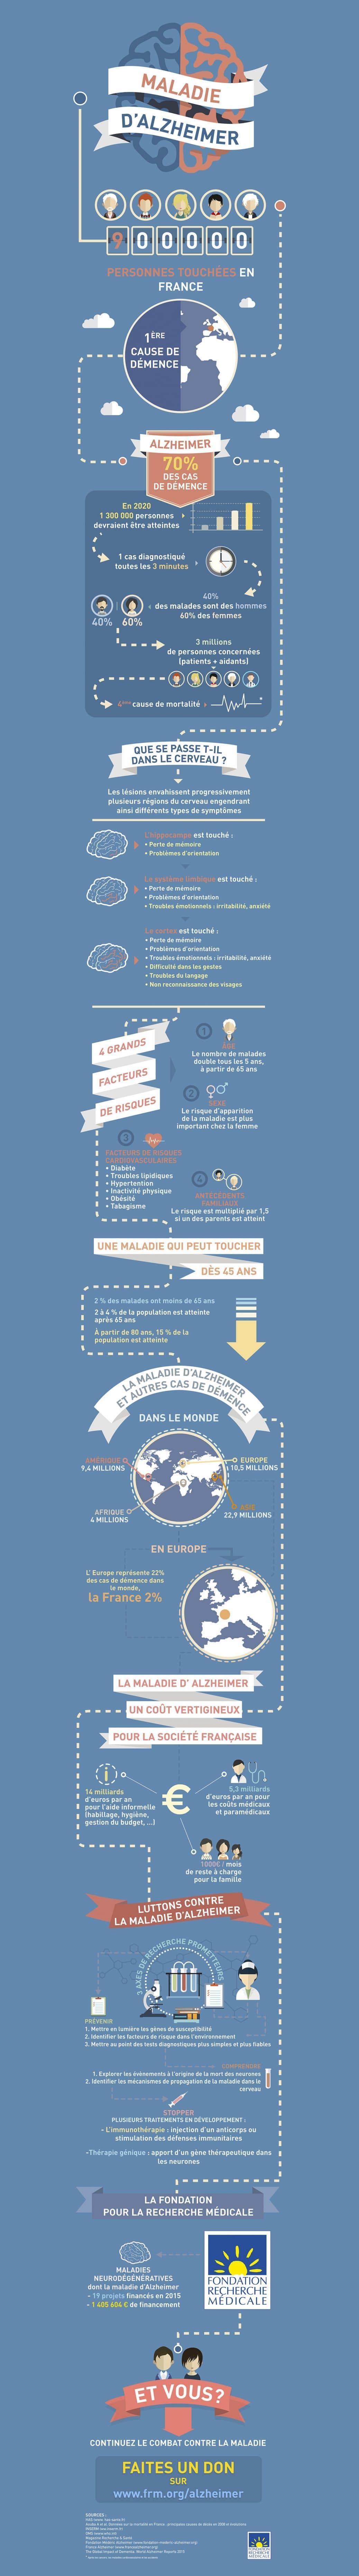 infographie-frm-maladie-dalzheimer-12-09-2016